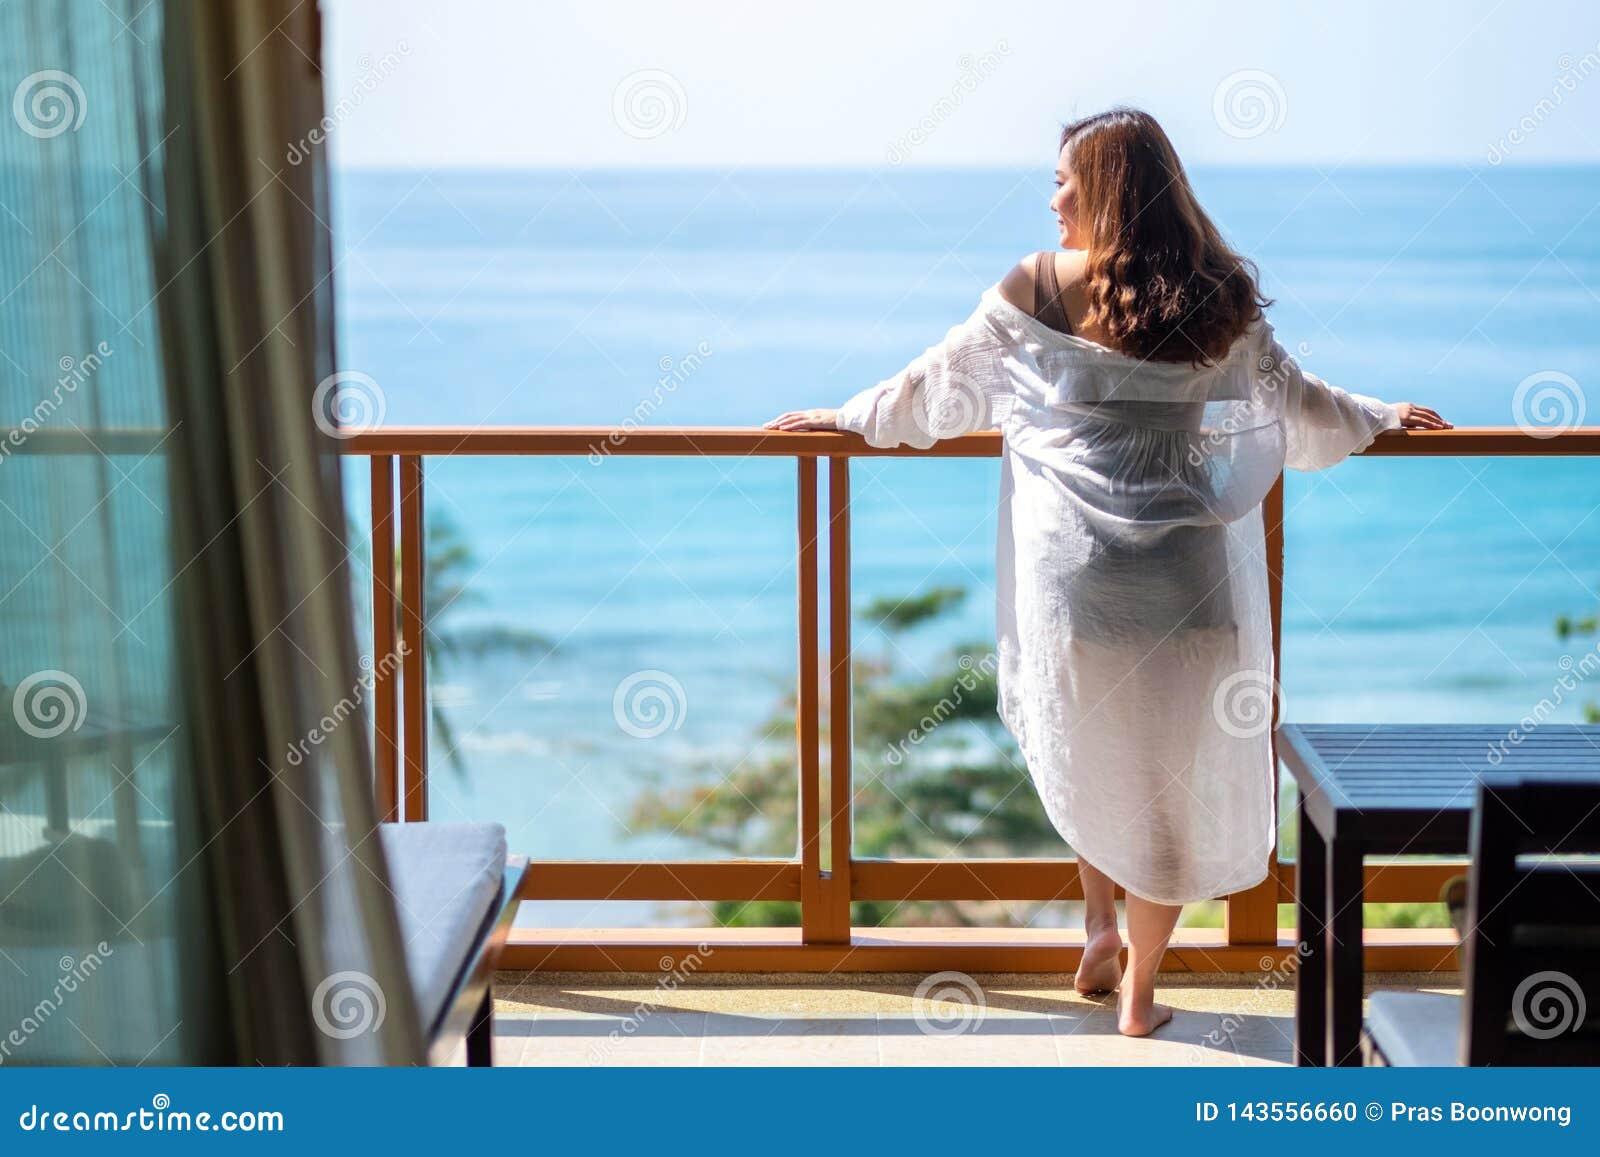 Положение женщины и насладиться наблюдать вид на море на балконе Стоковое  Фото - изображение насчитывающей пепельнообразные, одно: 143556660